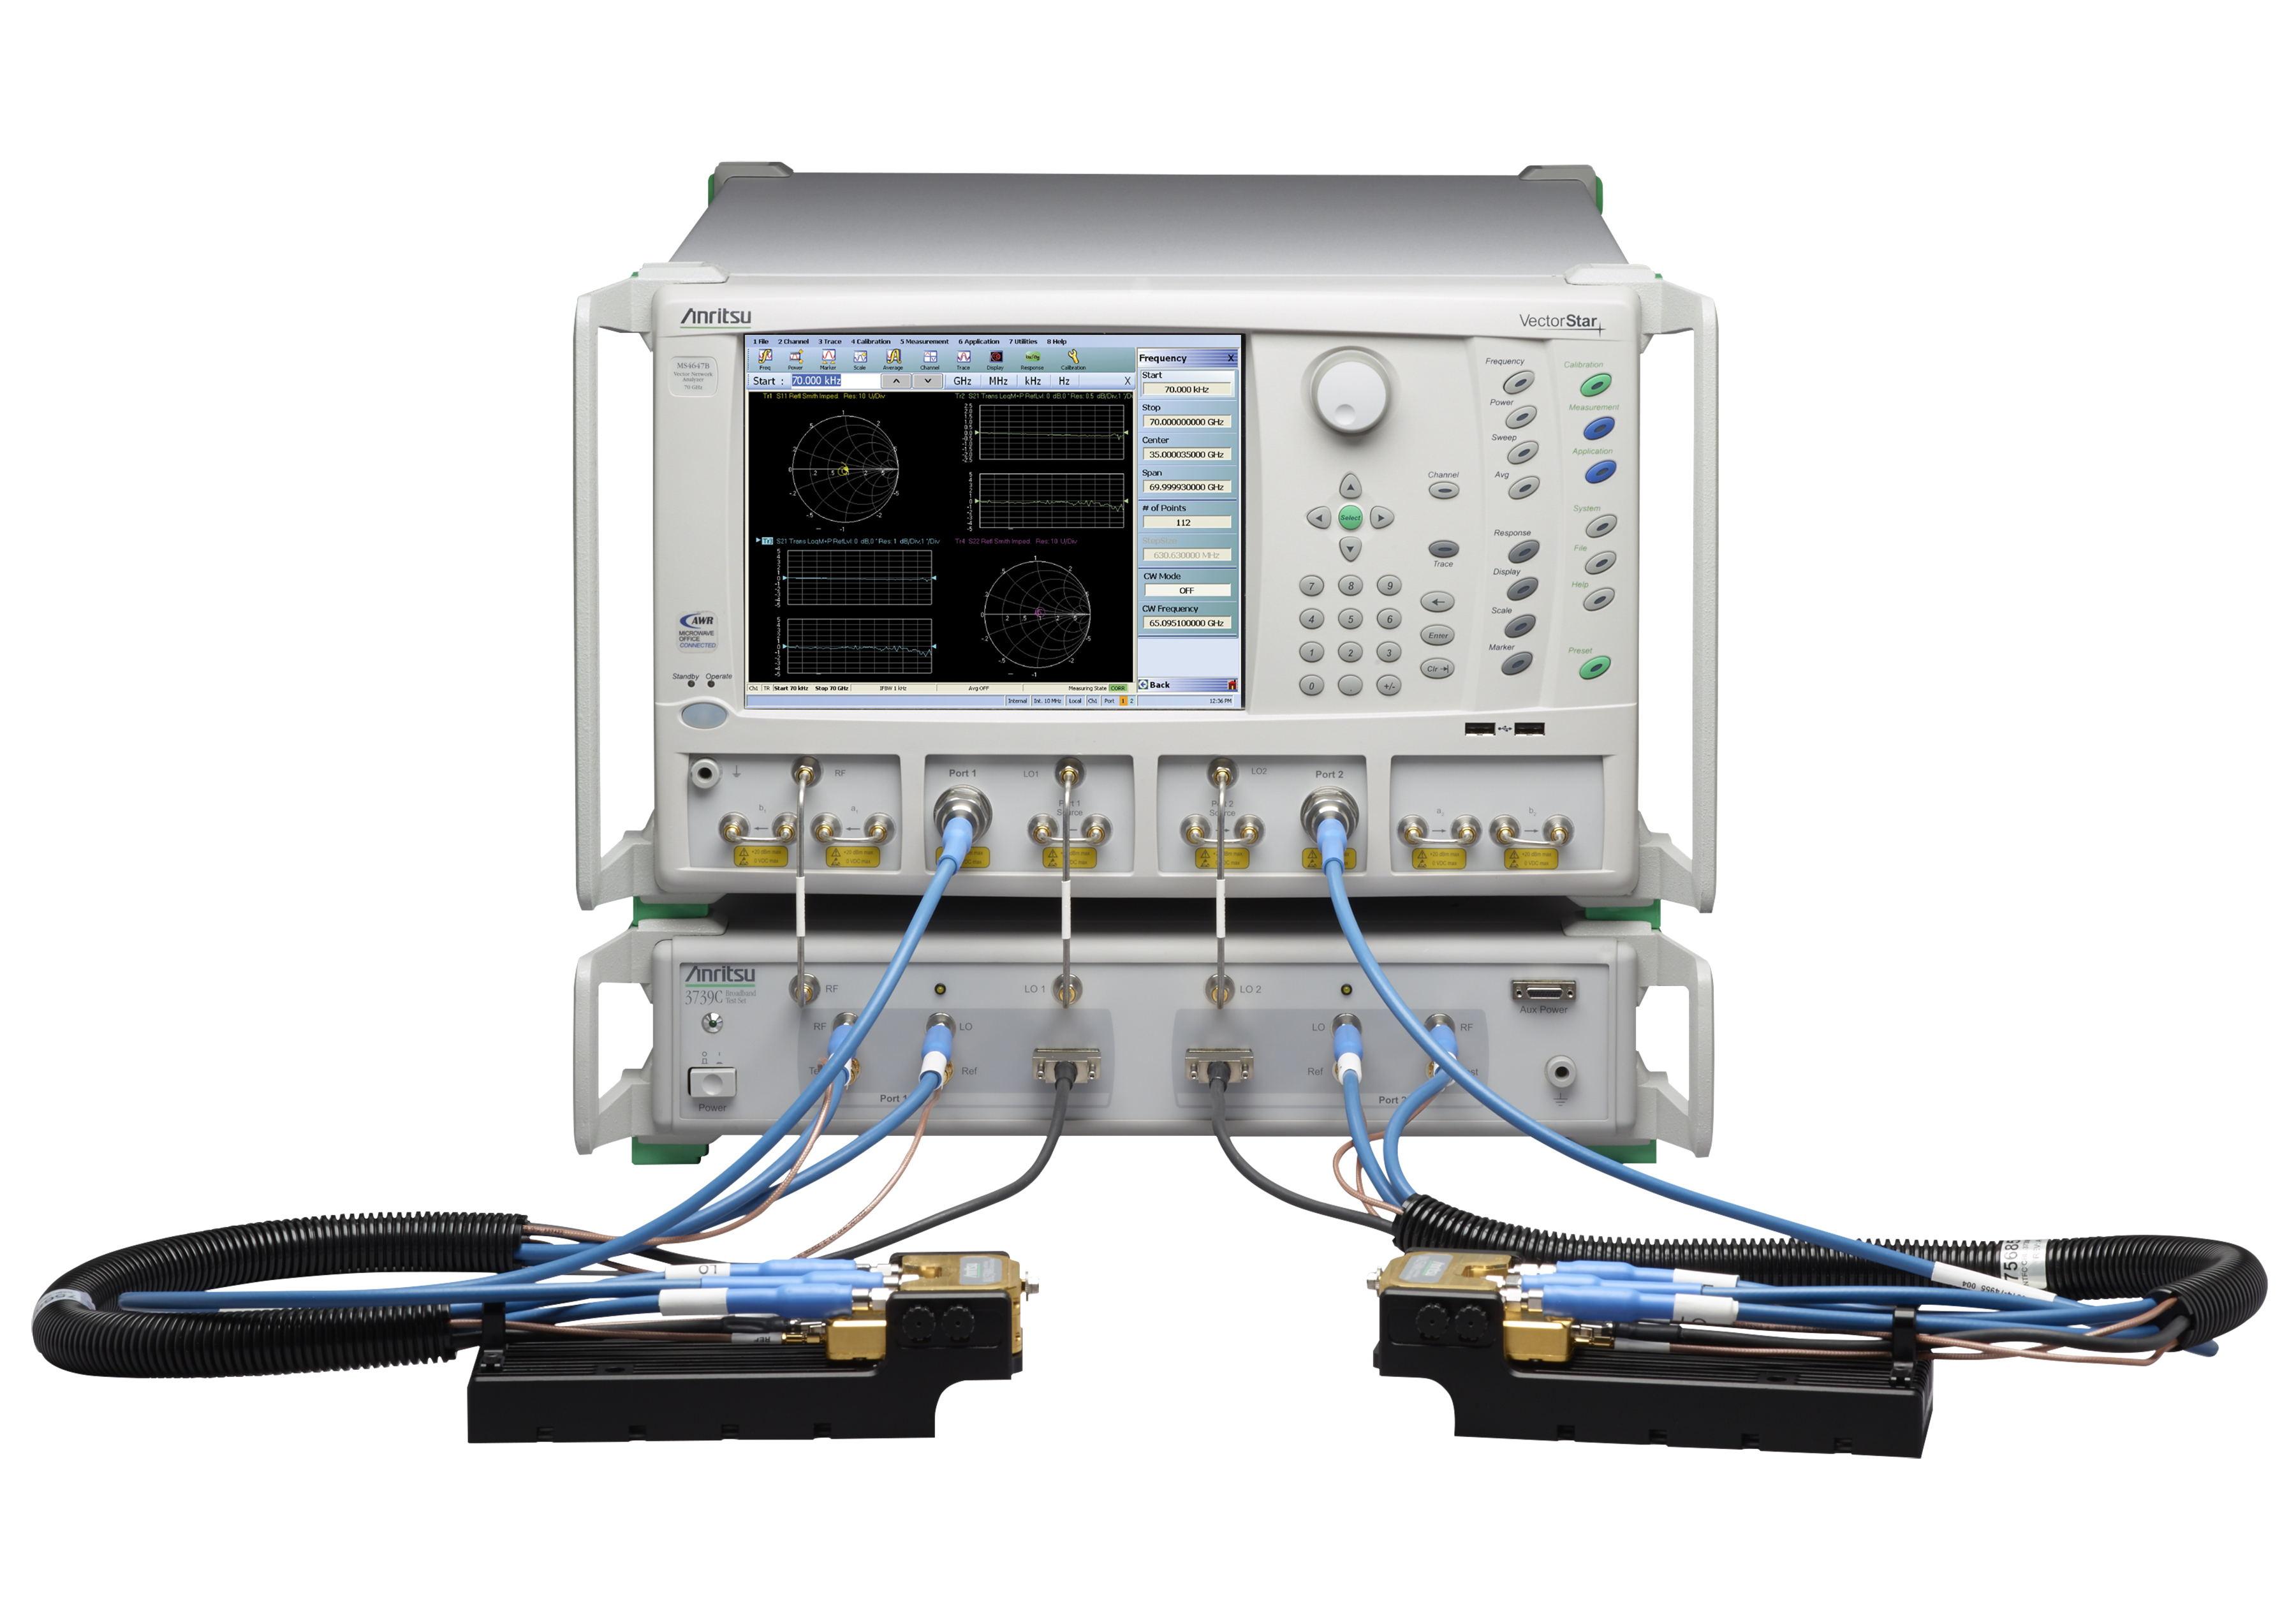 ghz的宽带矢量网络分析仪系统